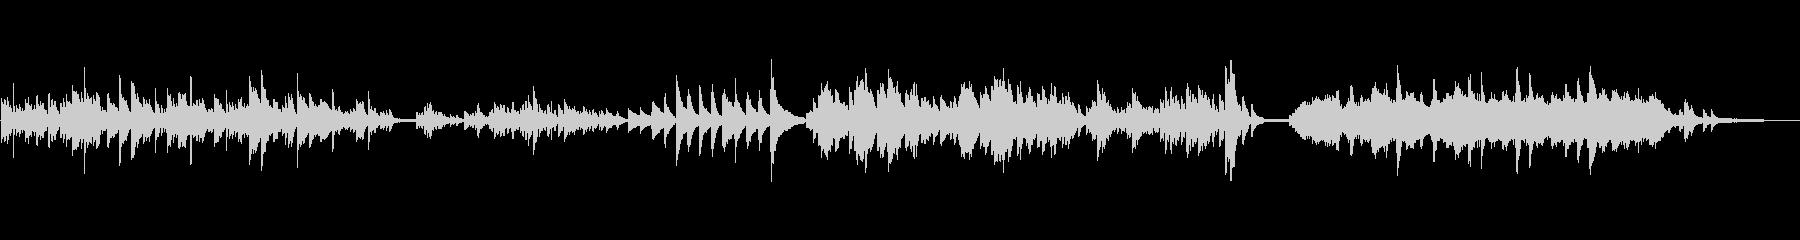 【劇伴】ミステリアスなピアノソロの未再生の波形